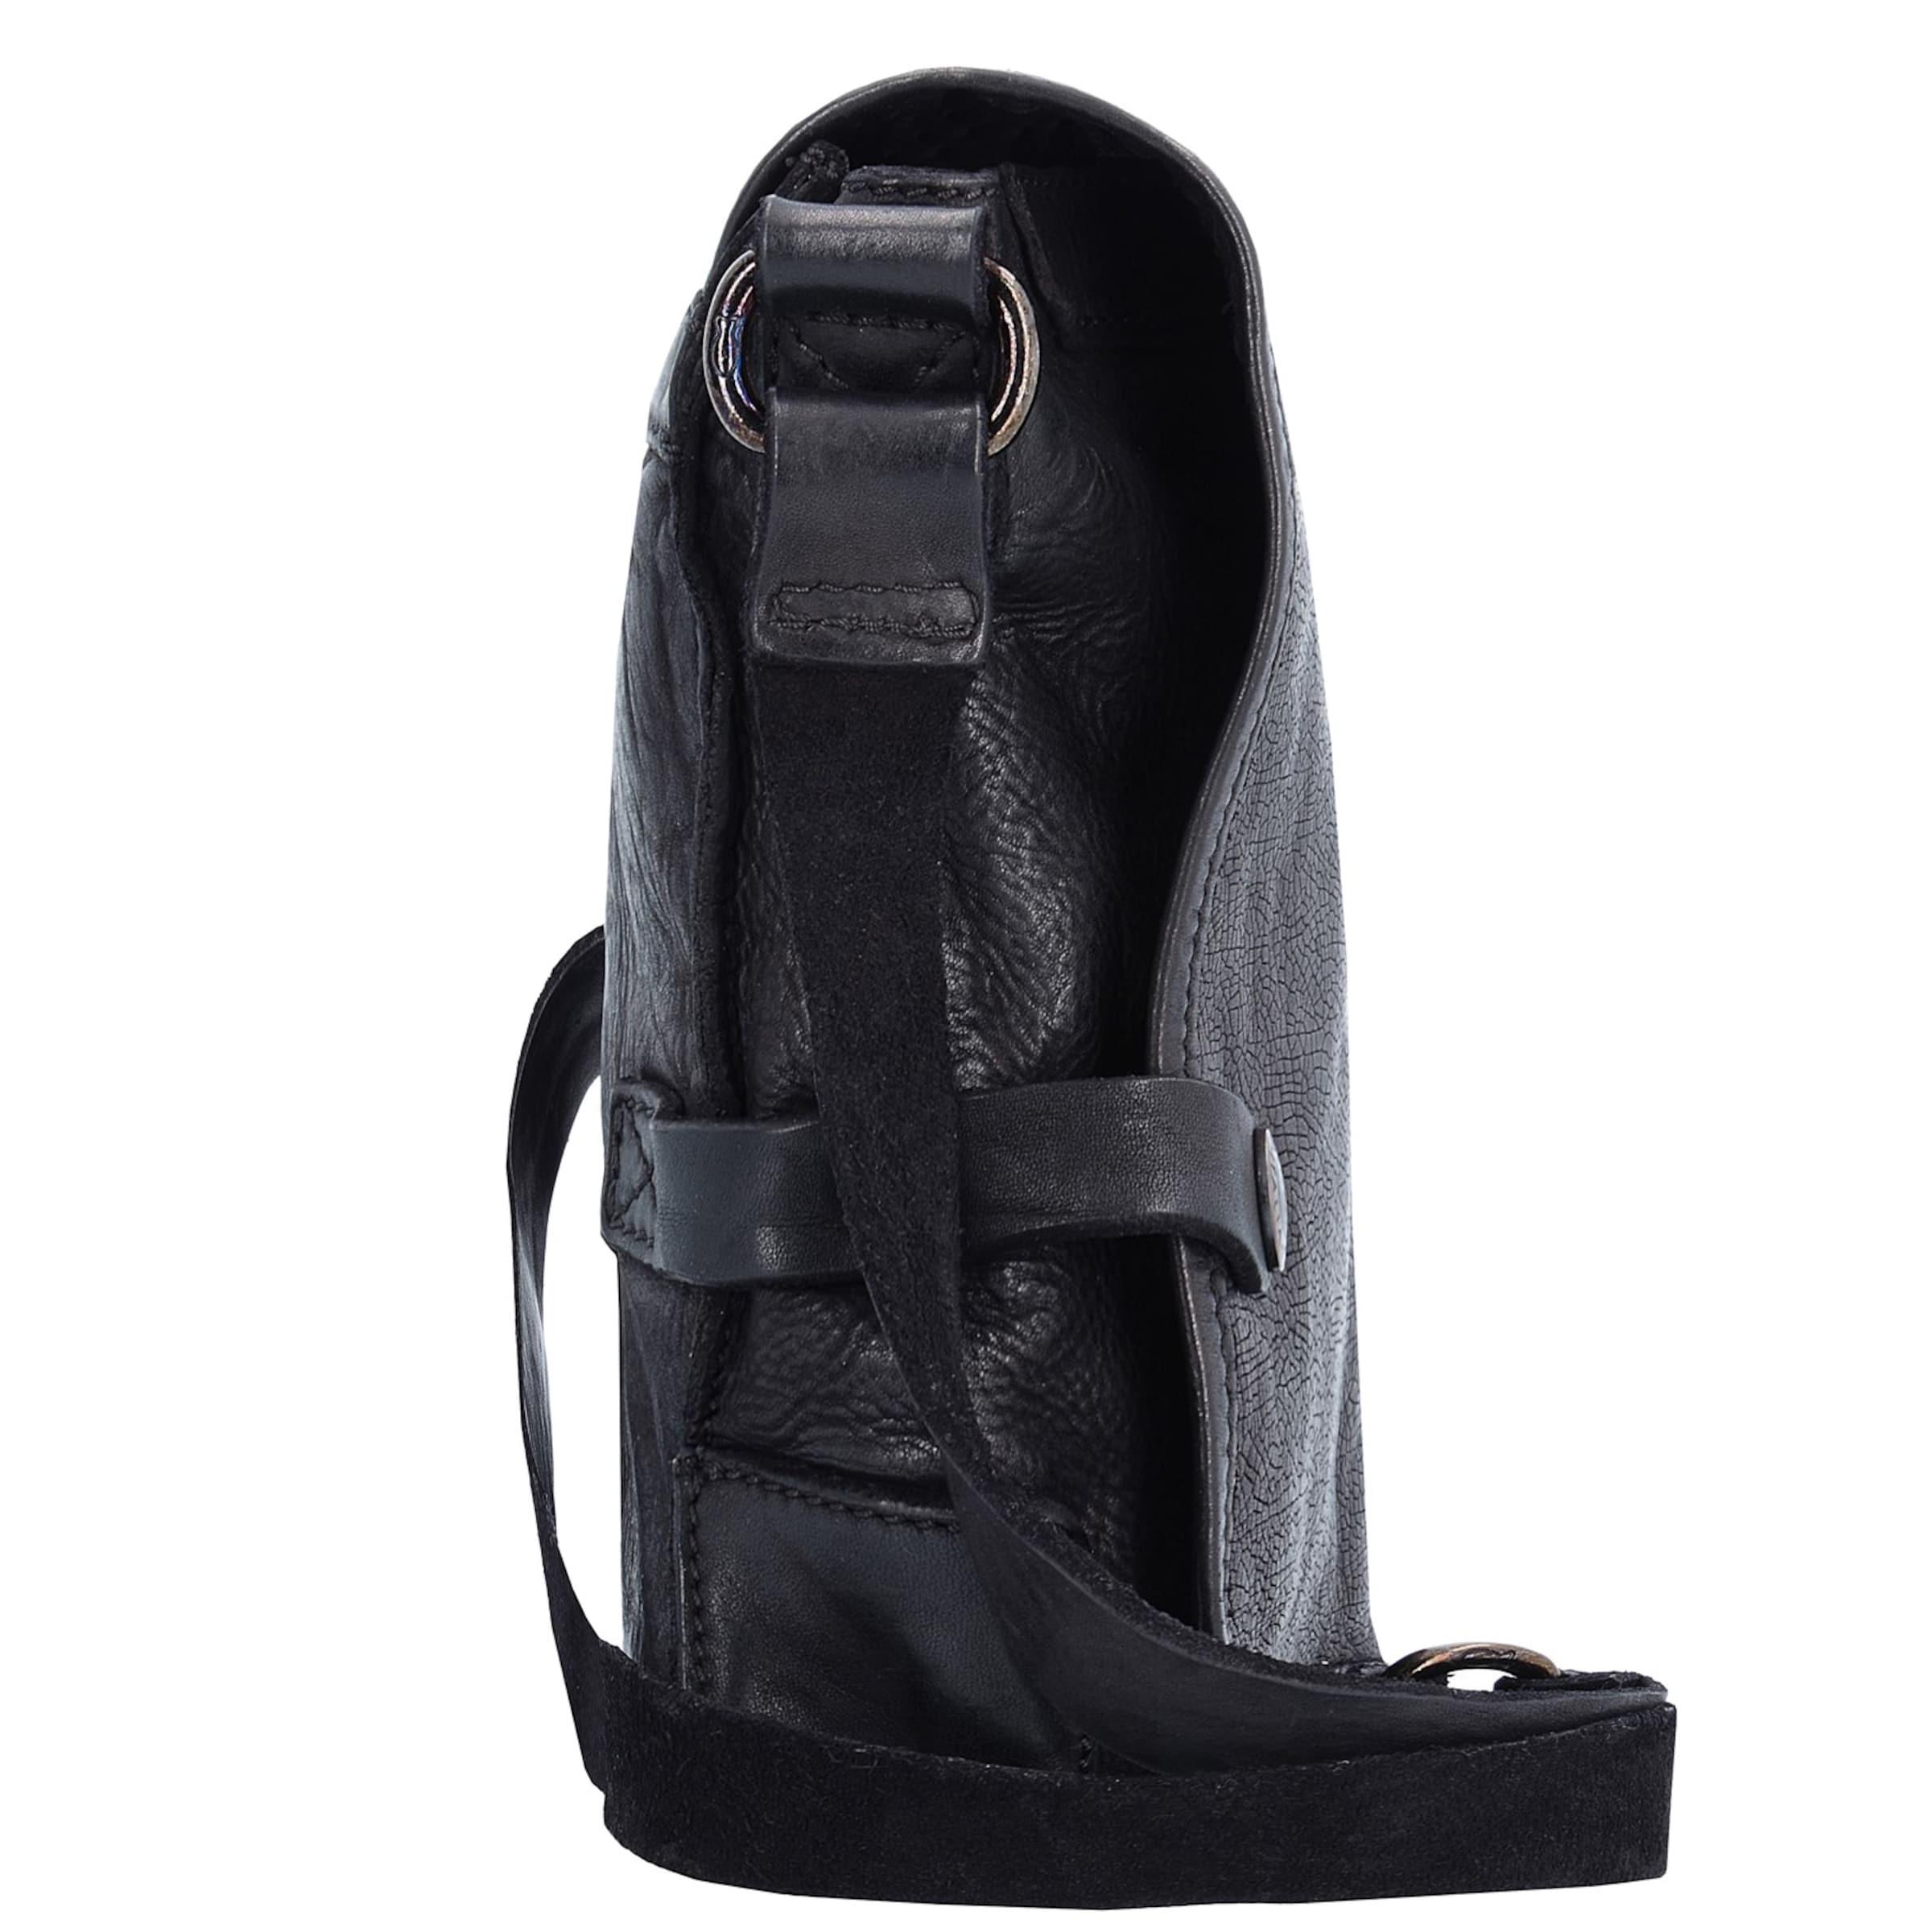 Heißen Verkauf Online Sehr Billig Campomaggi Traditional Umhängetasche Leder 18 cm Ebay Zum Verkauf arLli